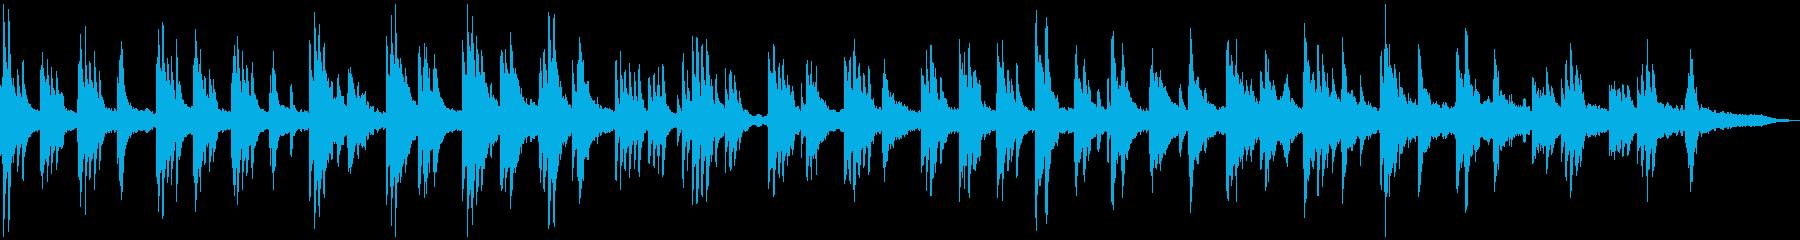 ピアノによる美しい癒しのヒーリング曲の再生済みの波形